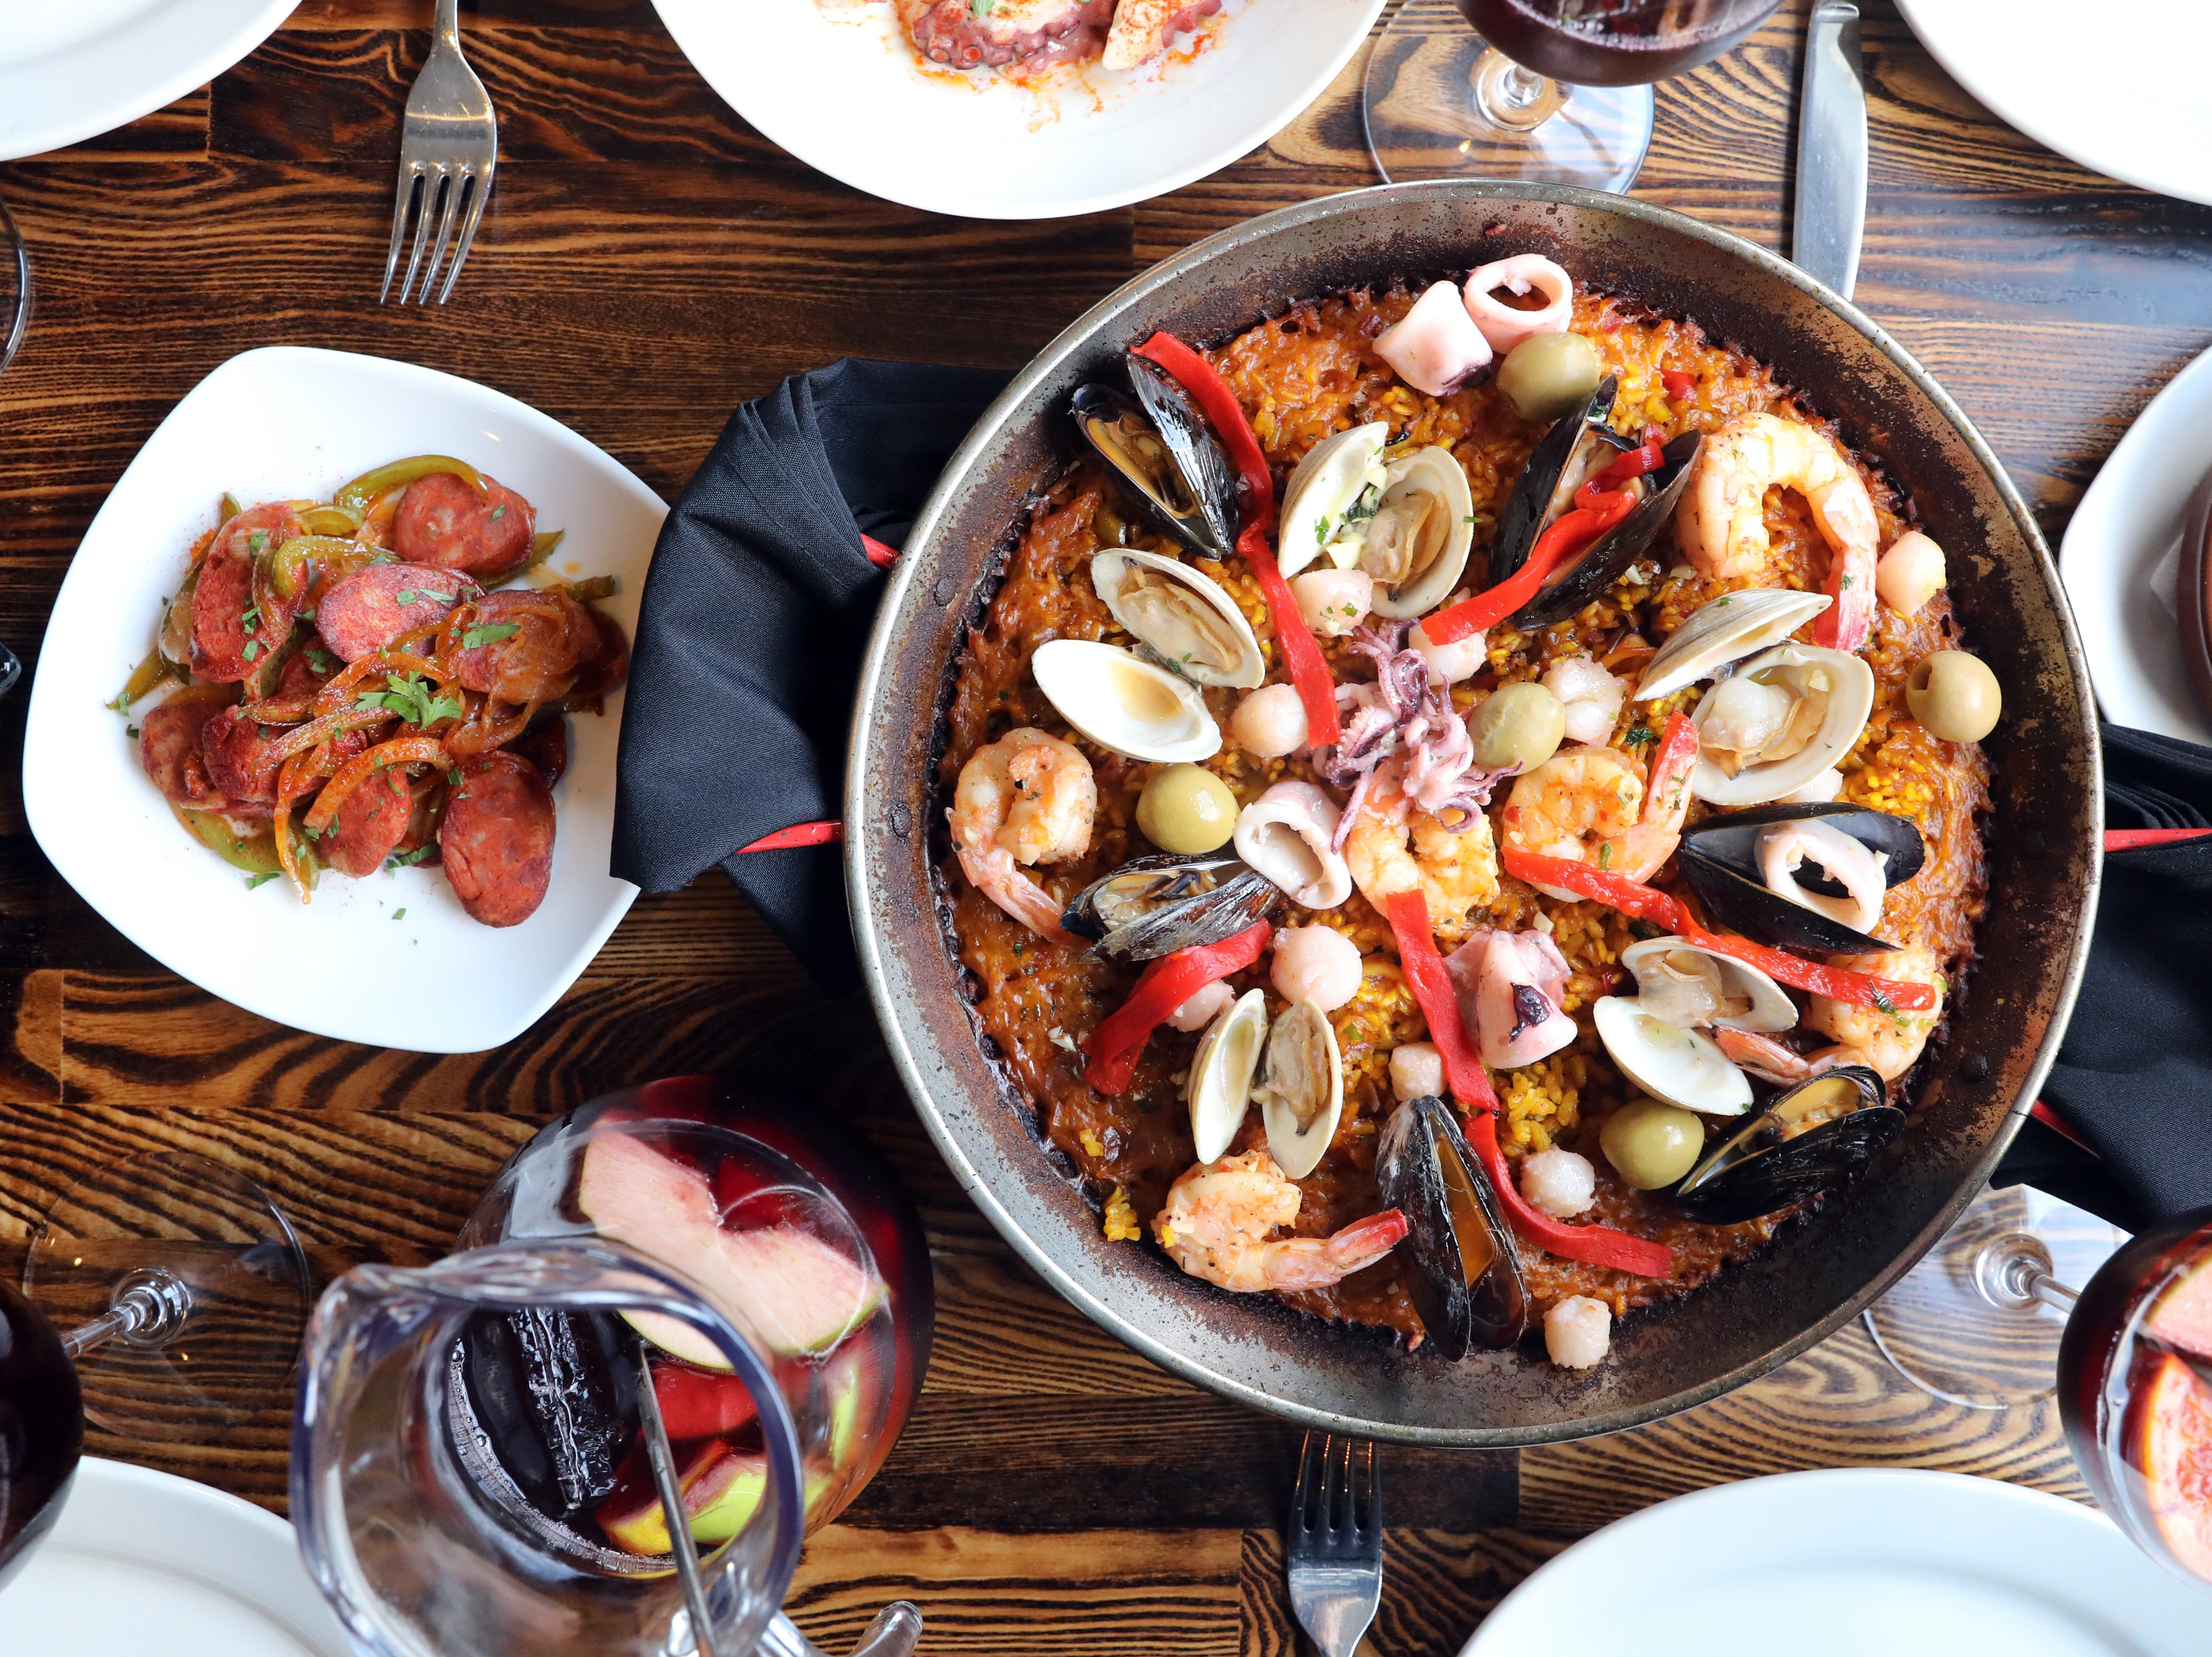 TANIA SAVAYAN: Seafood paella, tapas and sangria at Basque Tapas Bar Restaurant in Piermont Oct. 23, 2018.